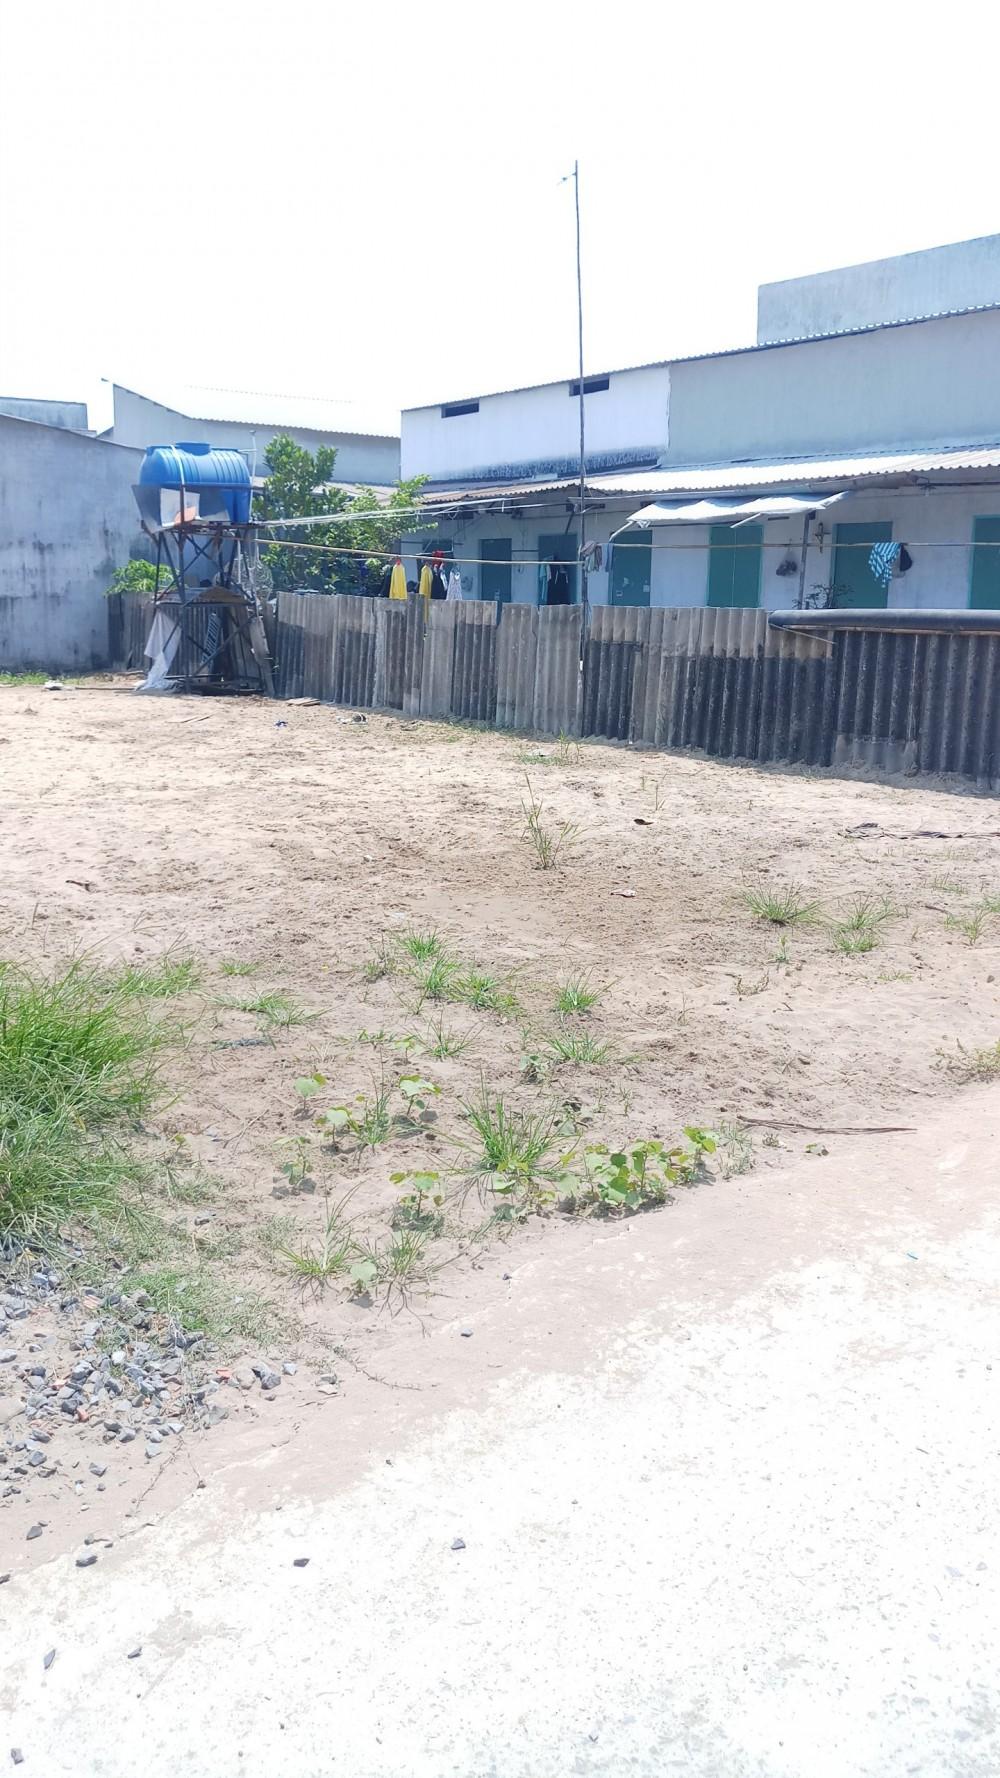 Bán đất giá rẻ cho Công Nhân 1.2 tỷ 10x20m2 thổ cư SHR,ngay KCN Tân Phú Trung